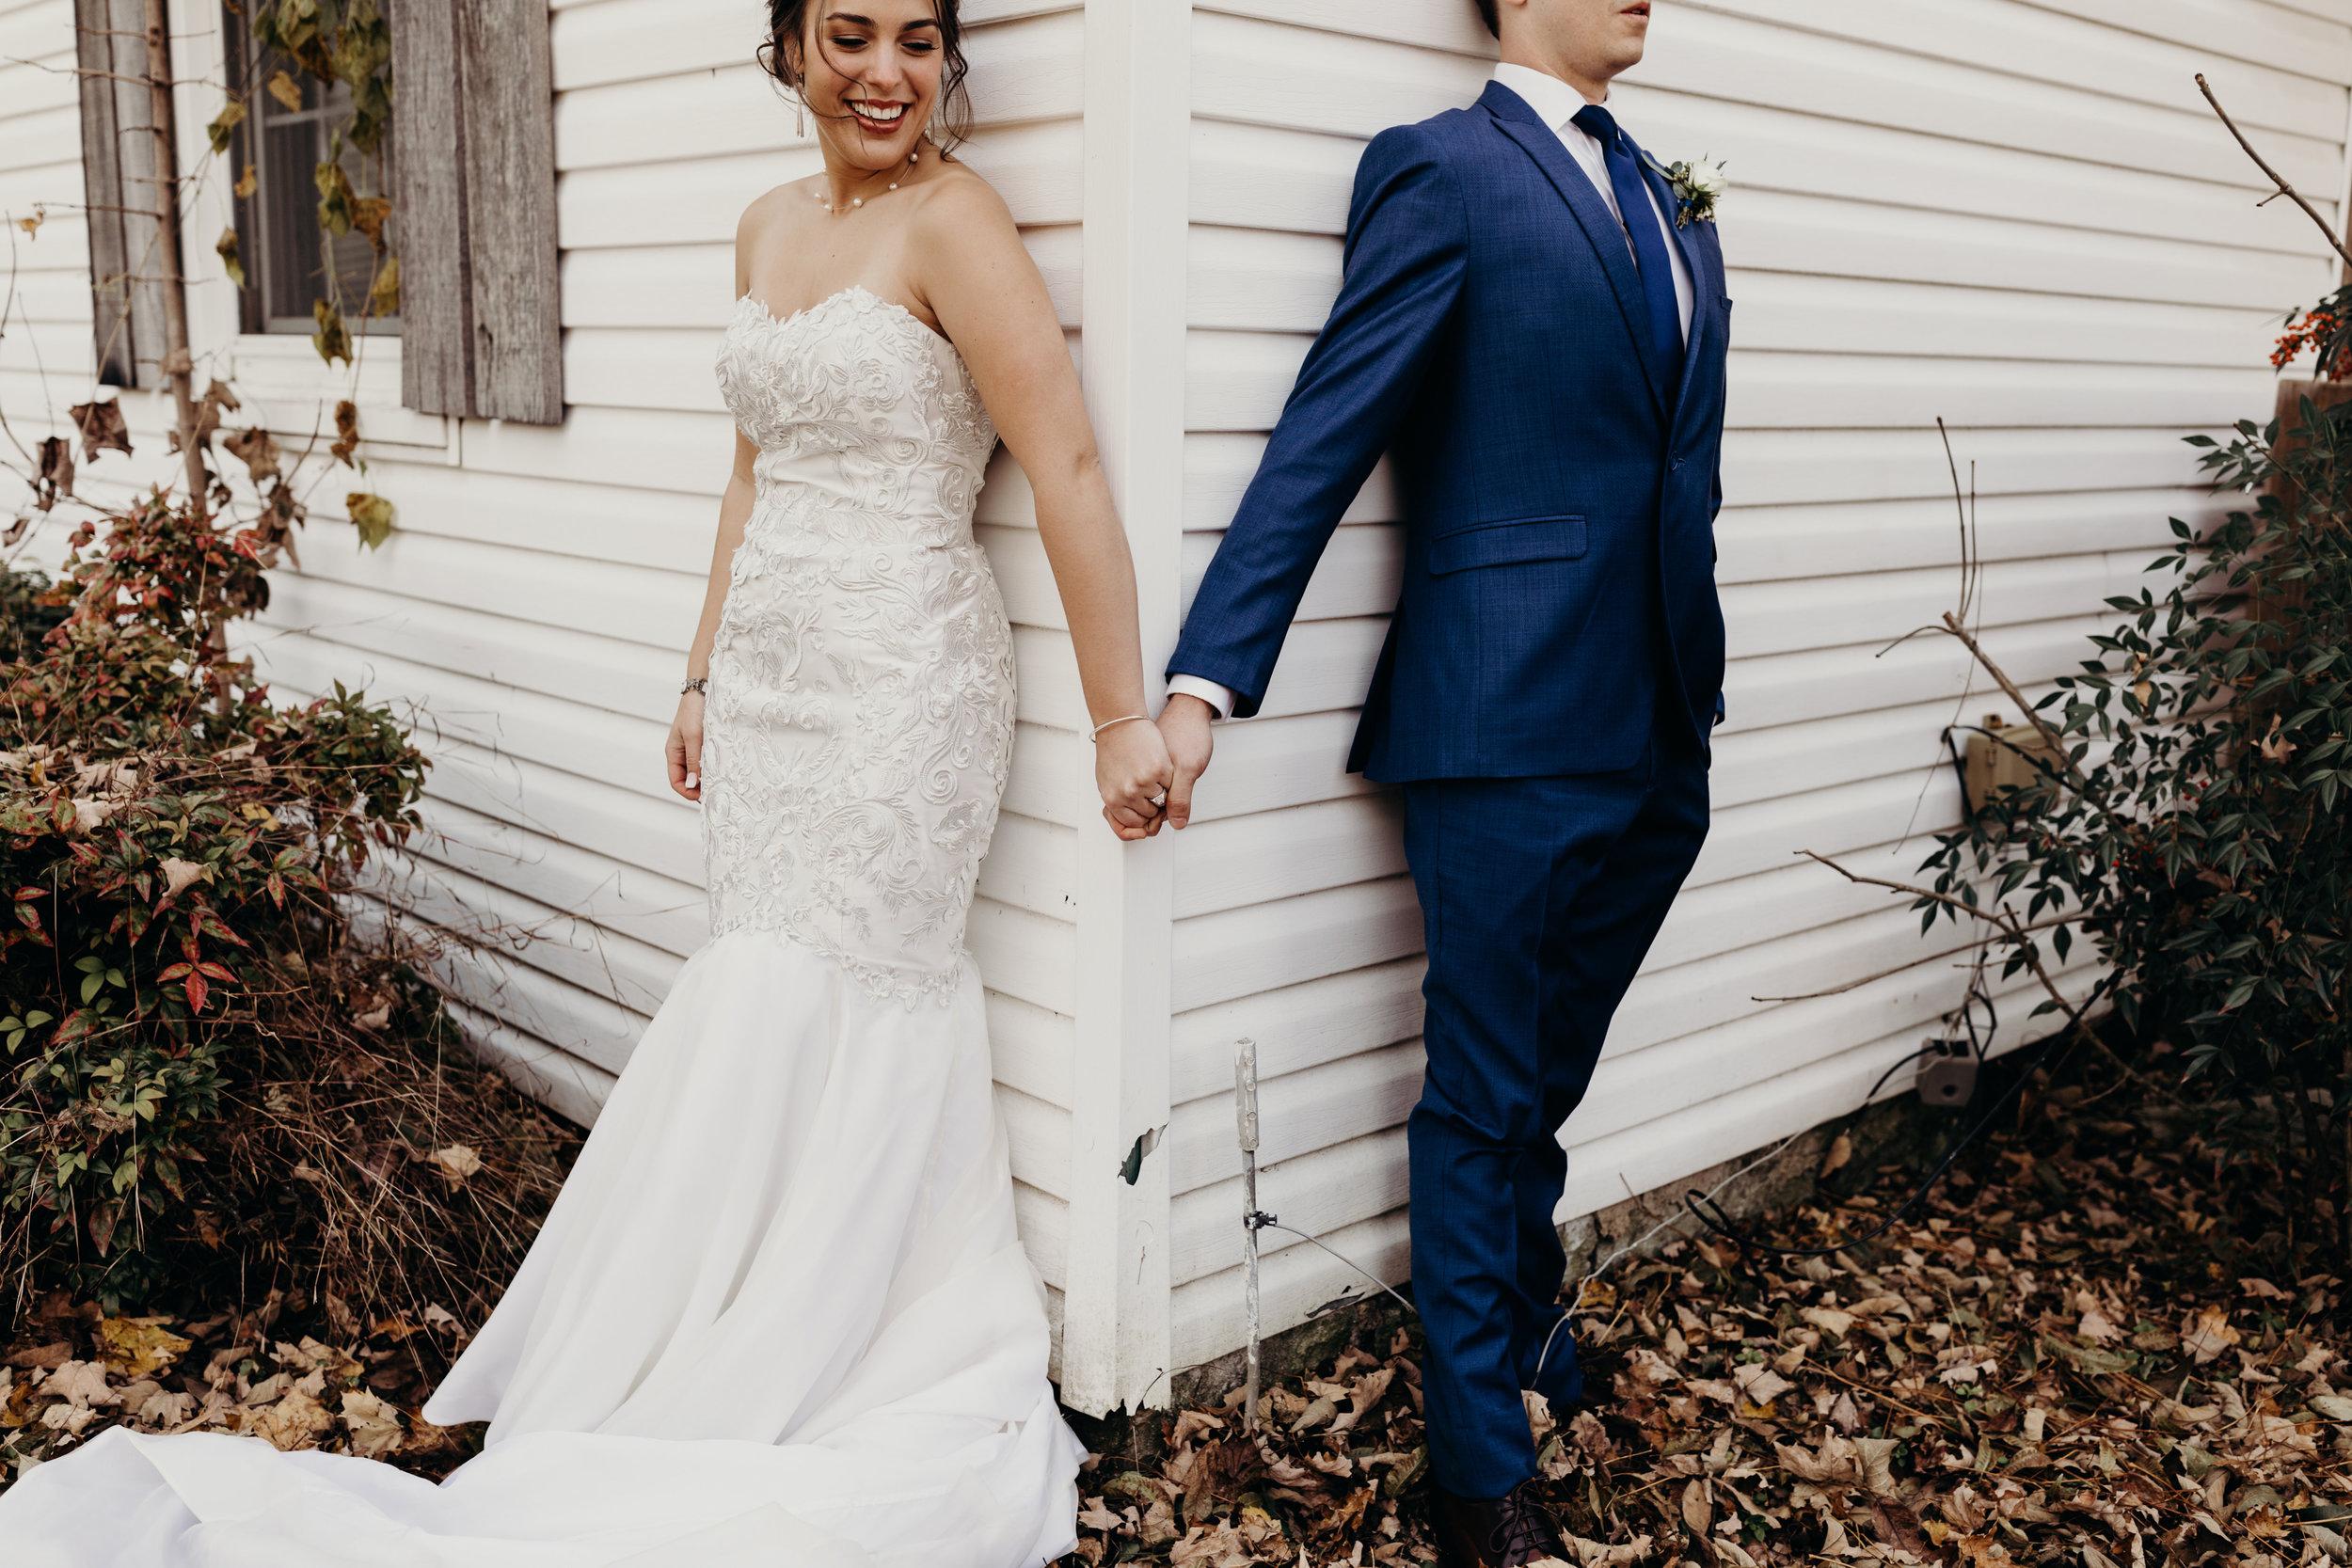 568-ltw-morgan-adam-wedding.jpg